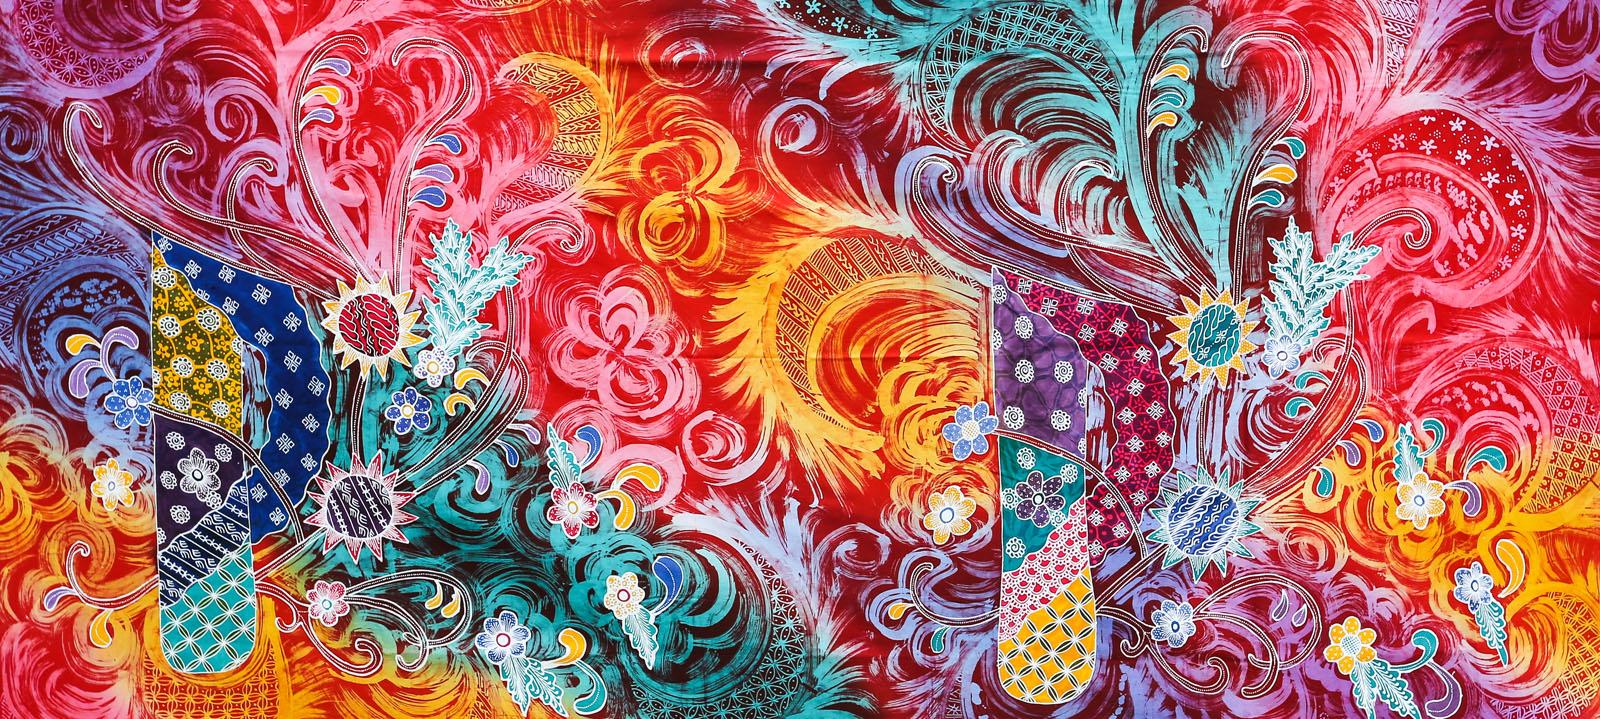 Lees meer oor batik as kunsvorm: https://en.wikipedia.org/wiki/Batik